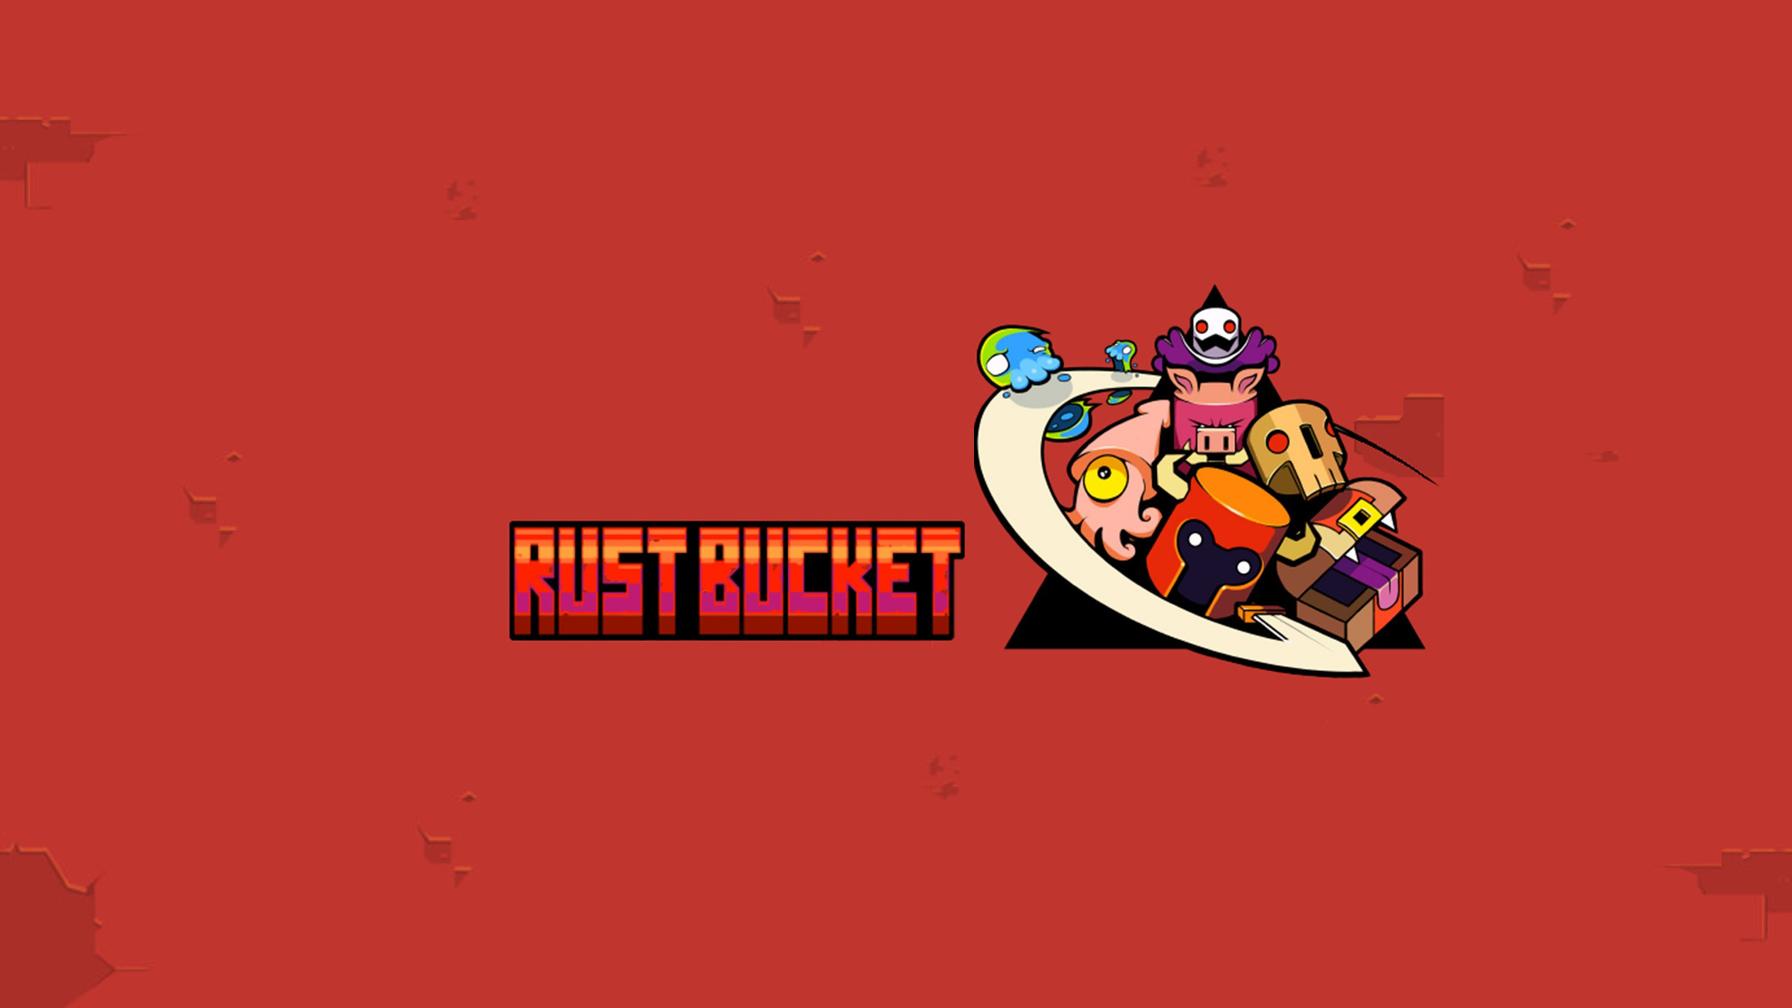 Rust Bucket for iPhone/iPad Reviews - Metacritic